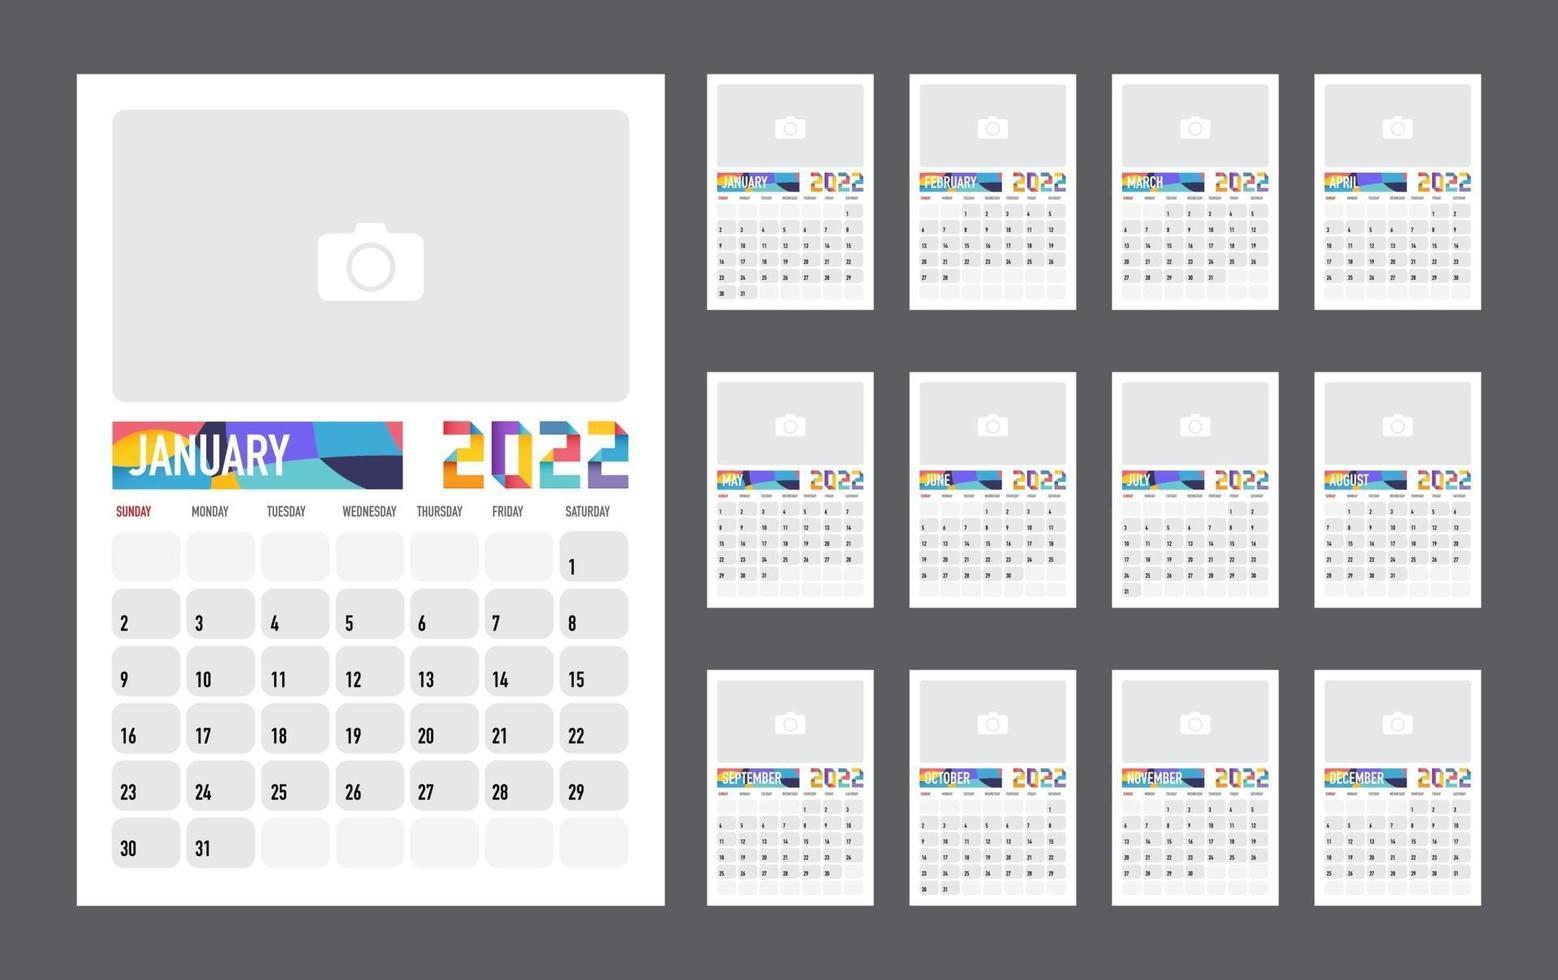 kalender bunter planer für 2022. die woche beginnt am sonntag. Vektor